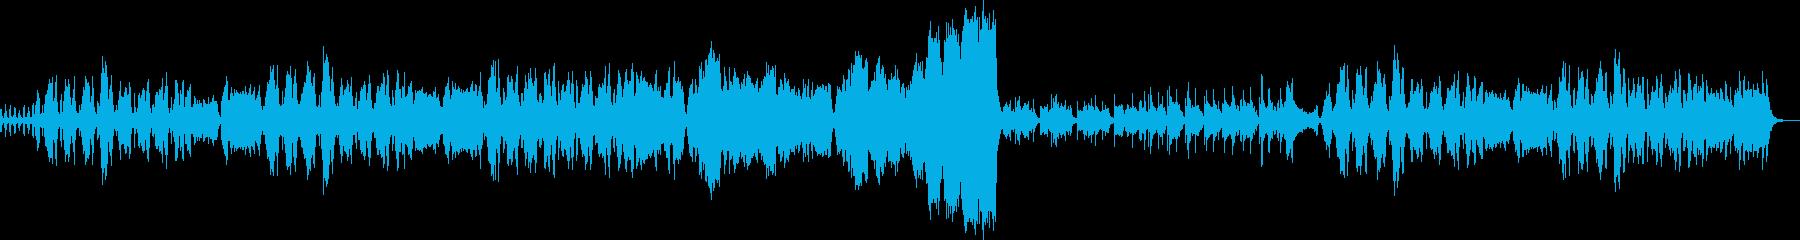 バイオリンでパズルゲーム中の上品な謎解きの再生済みの波形